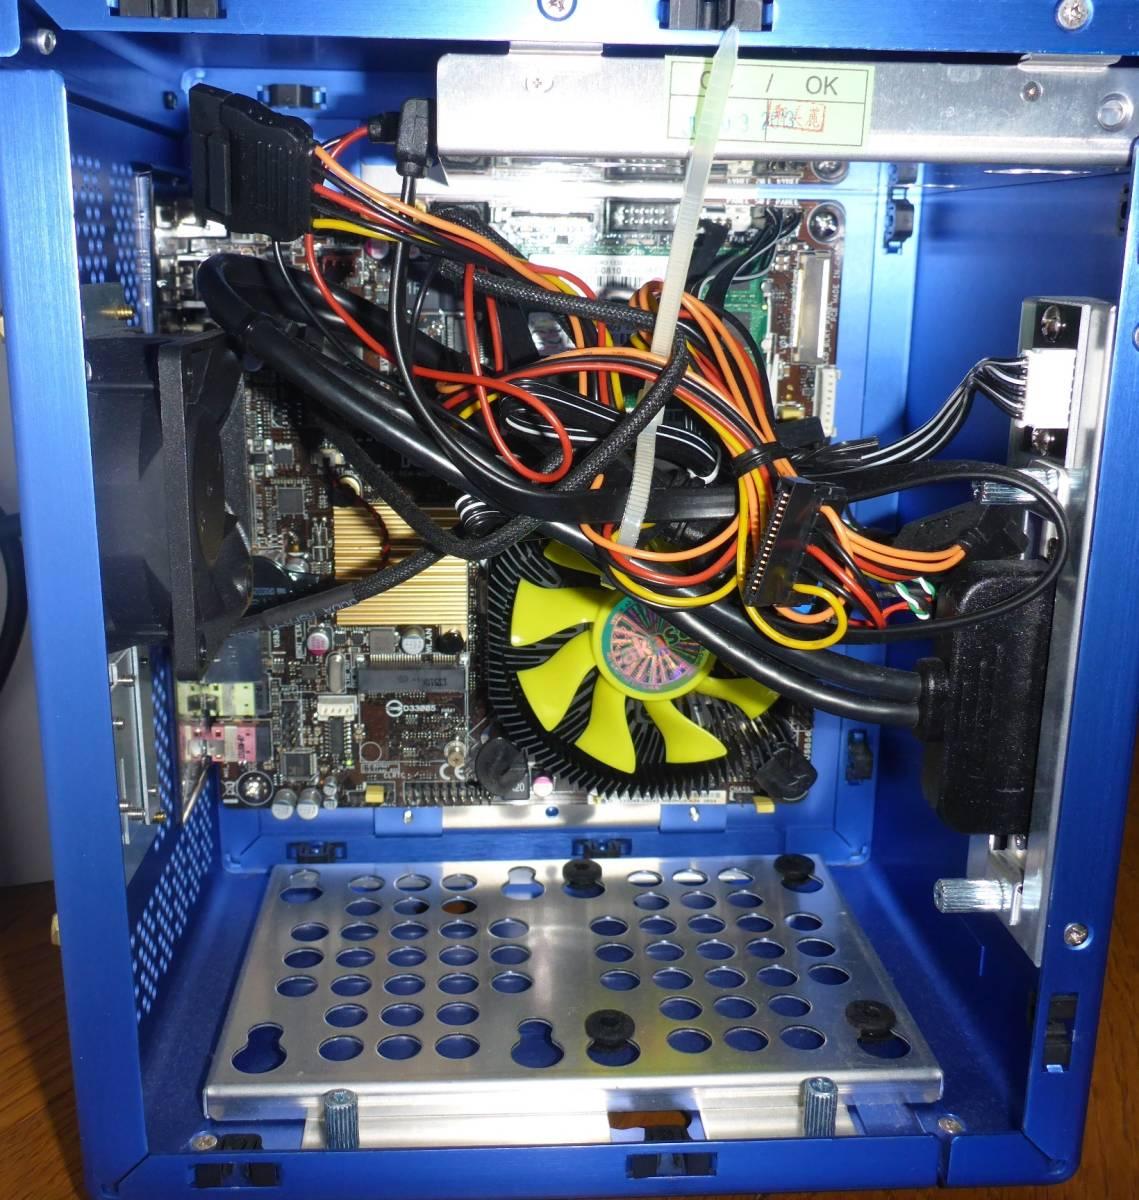 中古PC M/B ASUS H81T CPU Pentium G3258 LIAN LI アルミケース付 ACアダプター 130W 動作確認 Thin mini ITX Antec Spot Cool_画像2